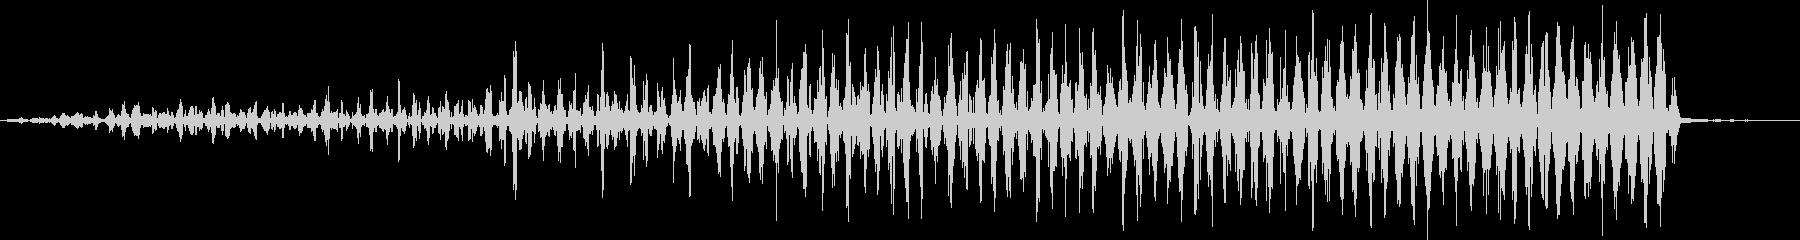 ショートレブ・フーシュ1リバース・...の未再生の波形